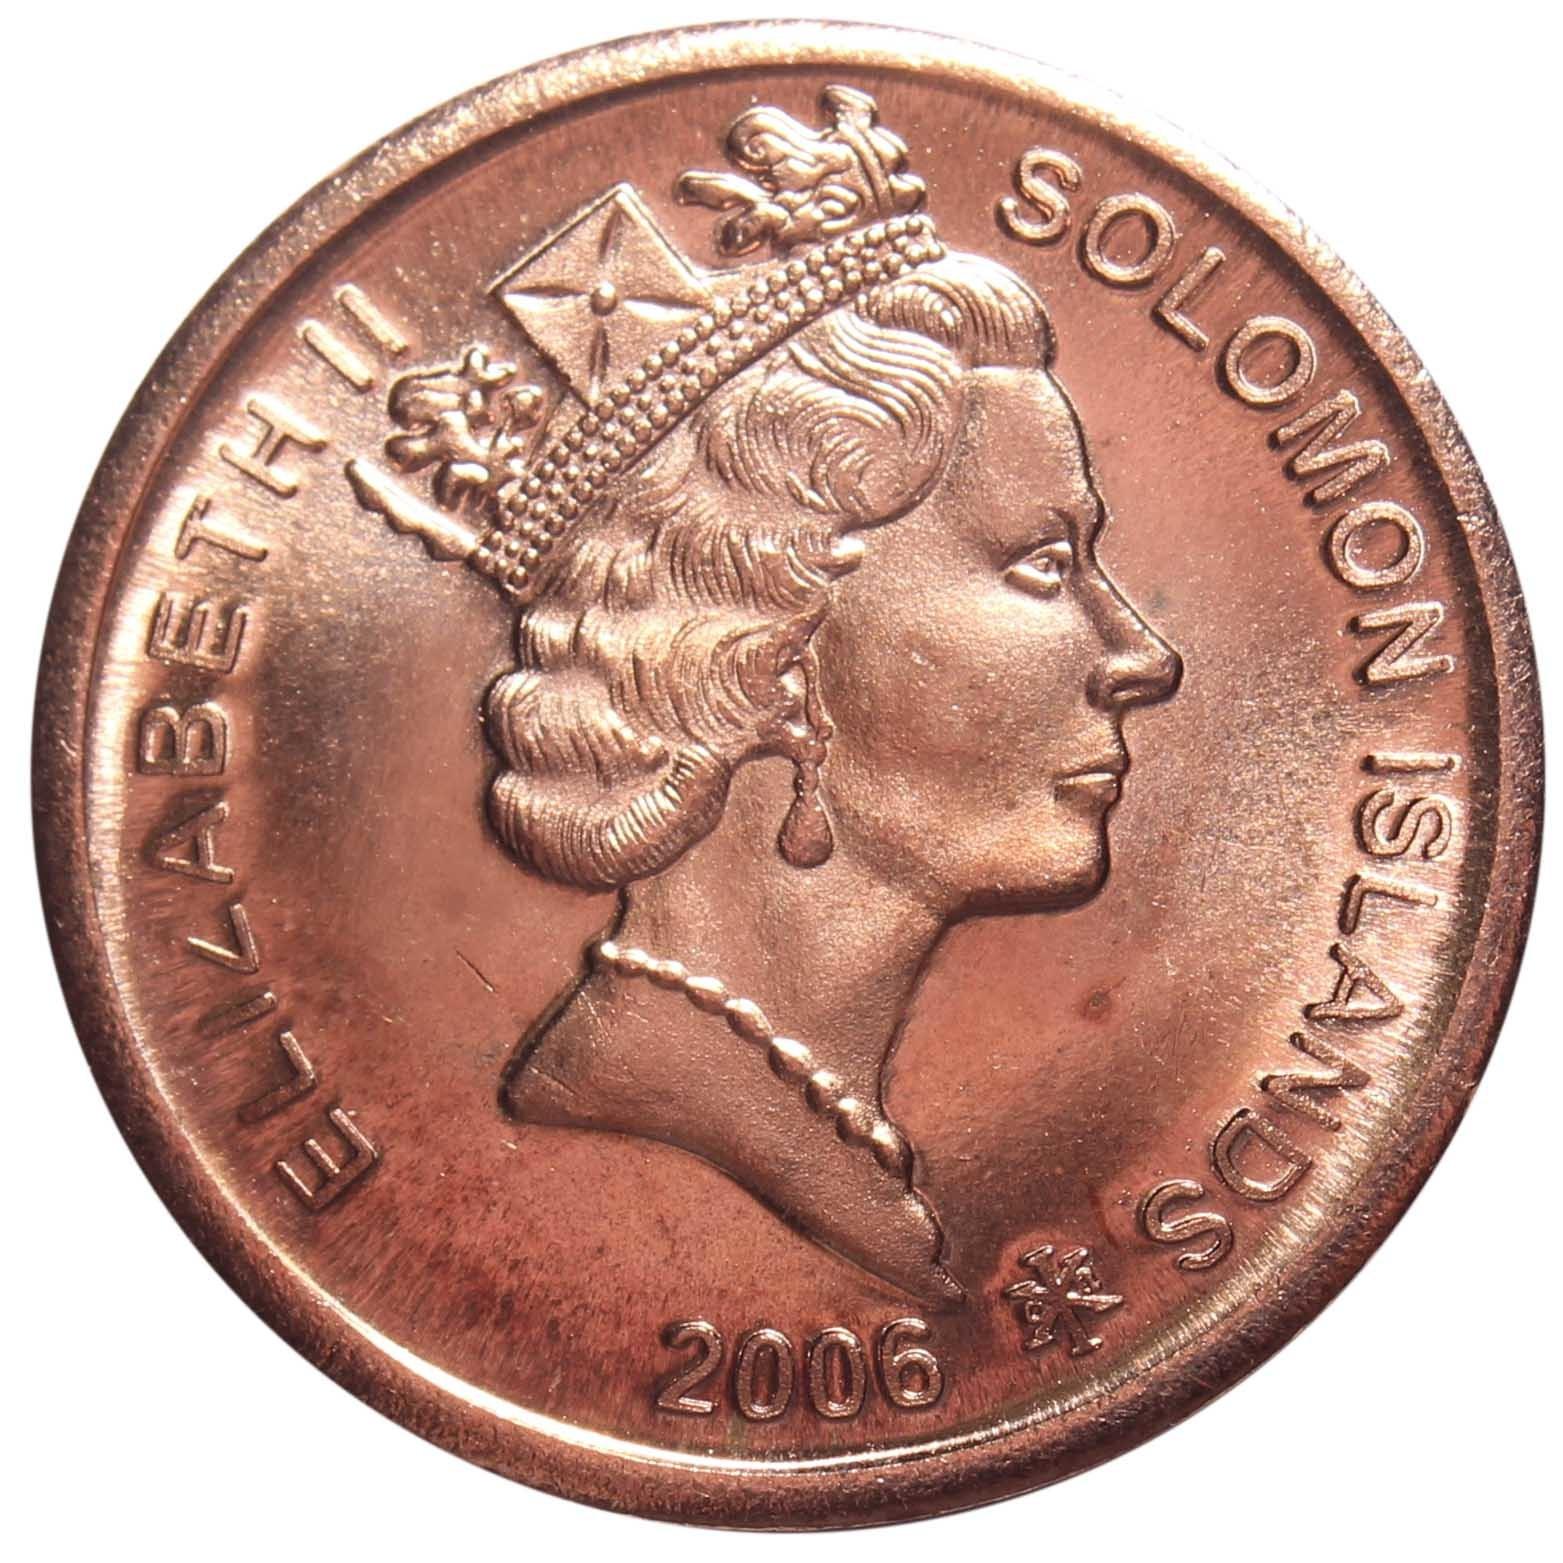 2 цента. Соломоновы острова. 2006 год. XF-AU